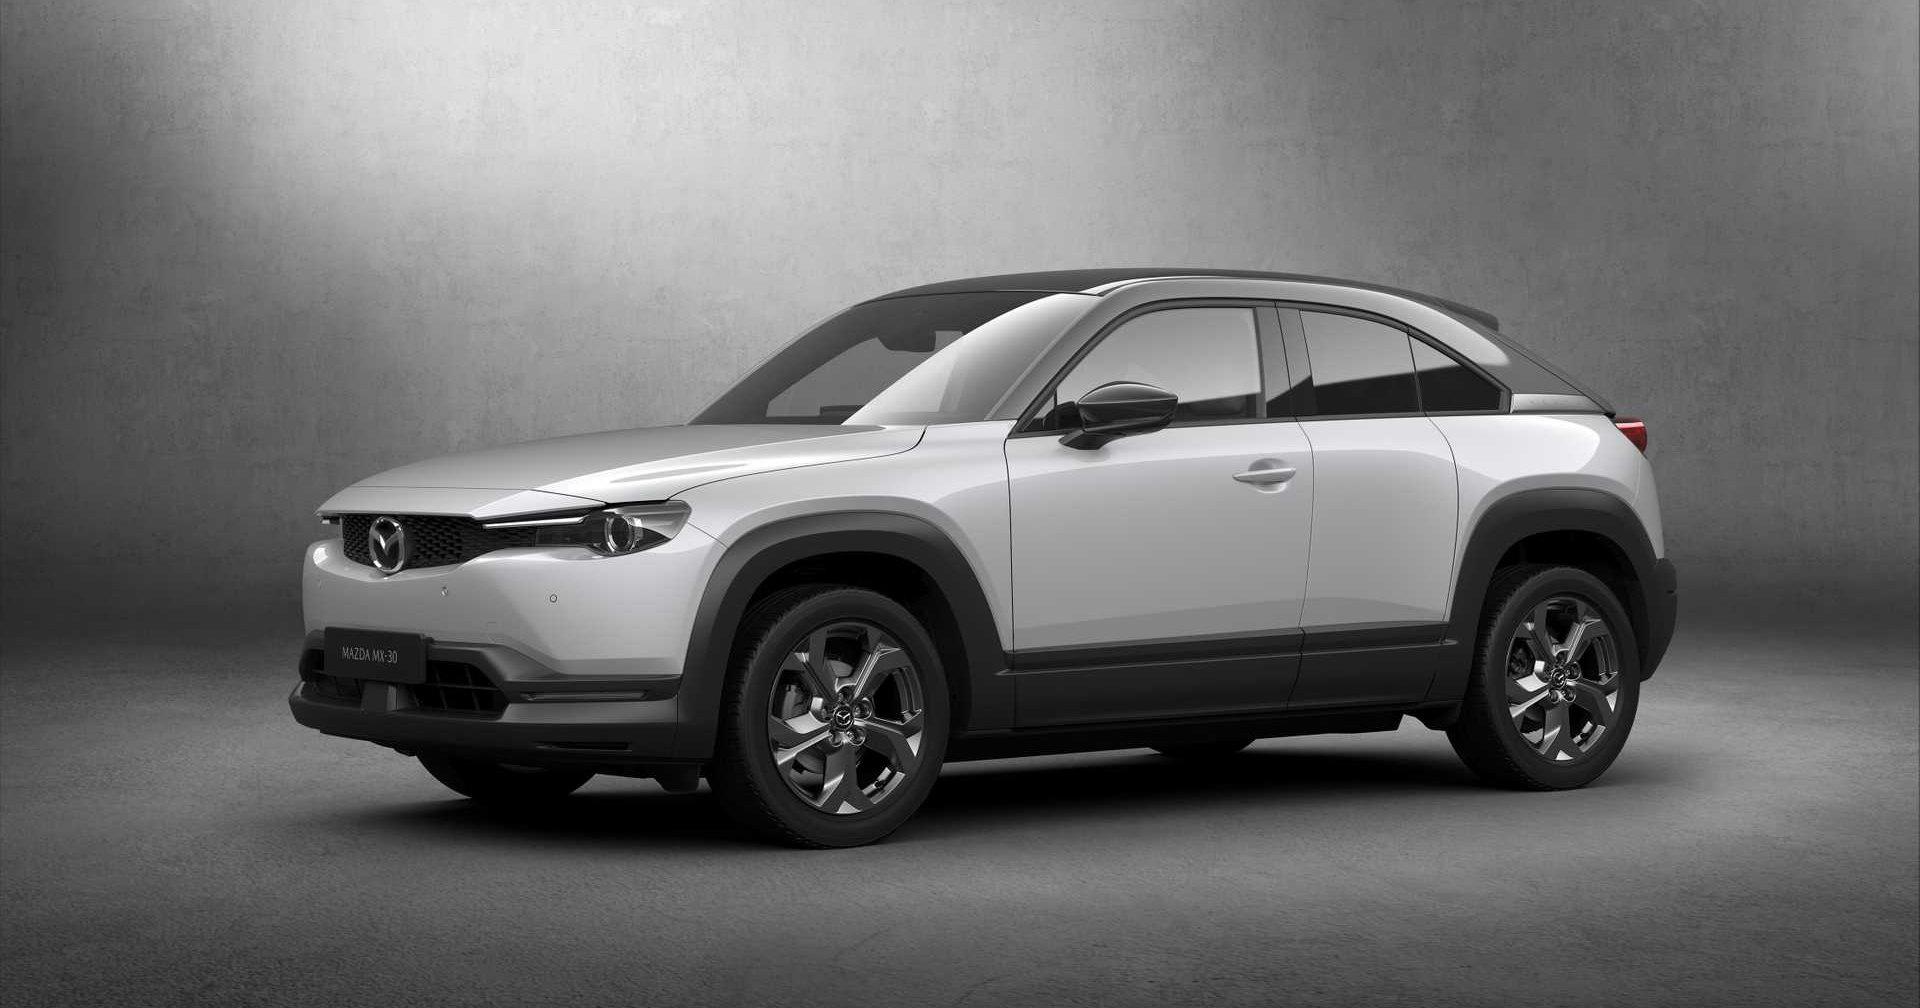 Mazda презентовала свой первый электромобиль